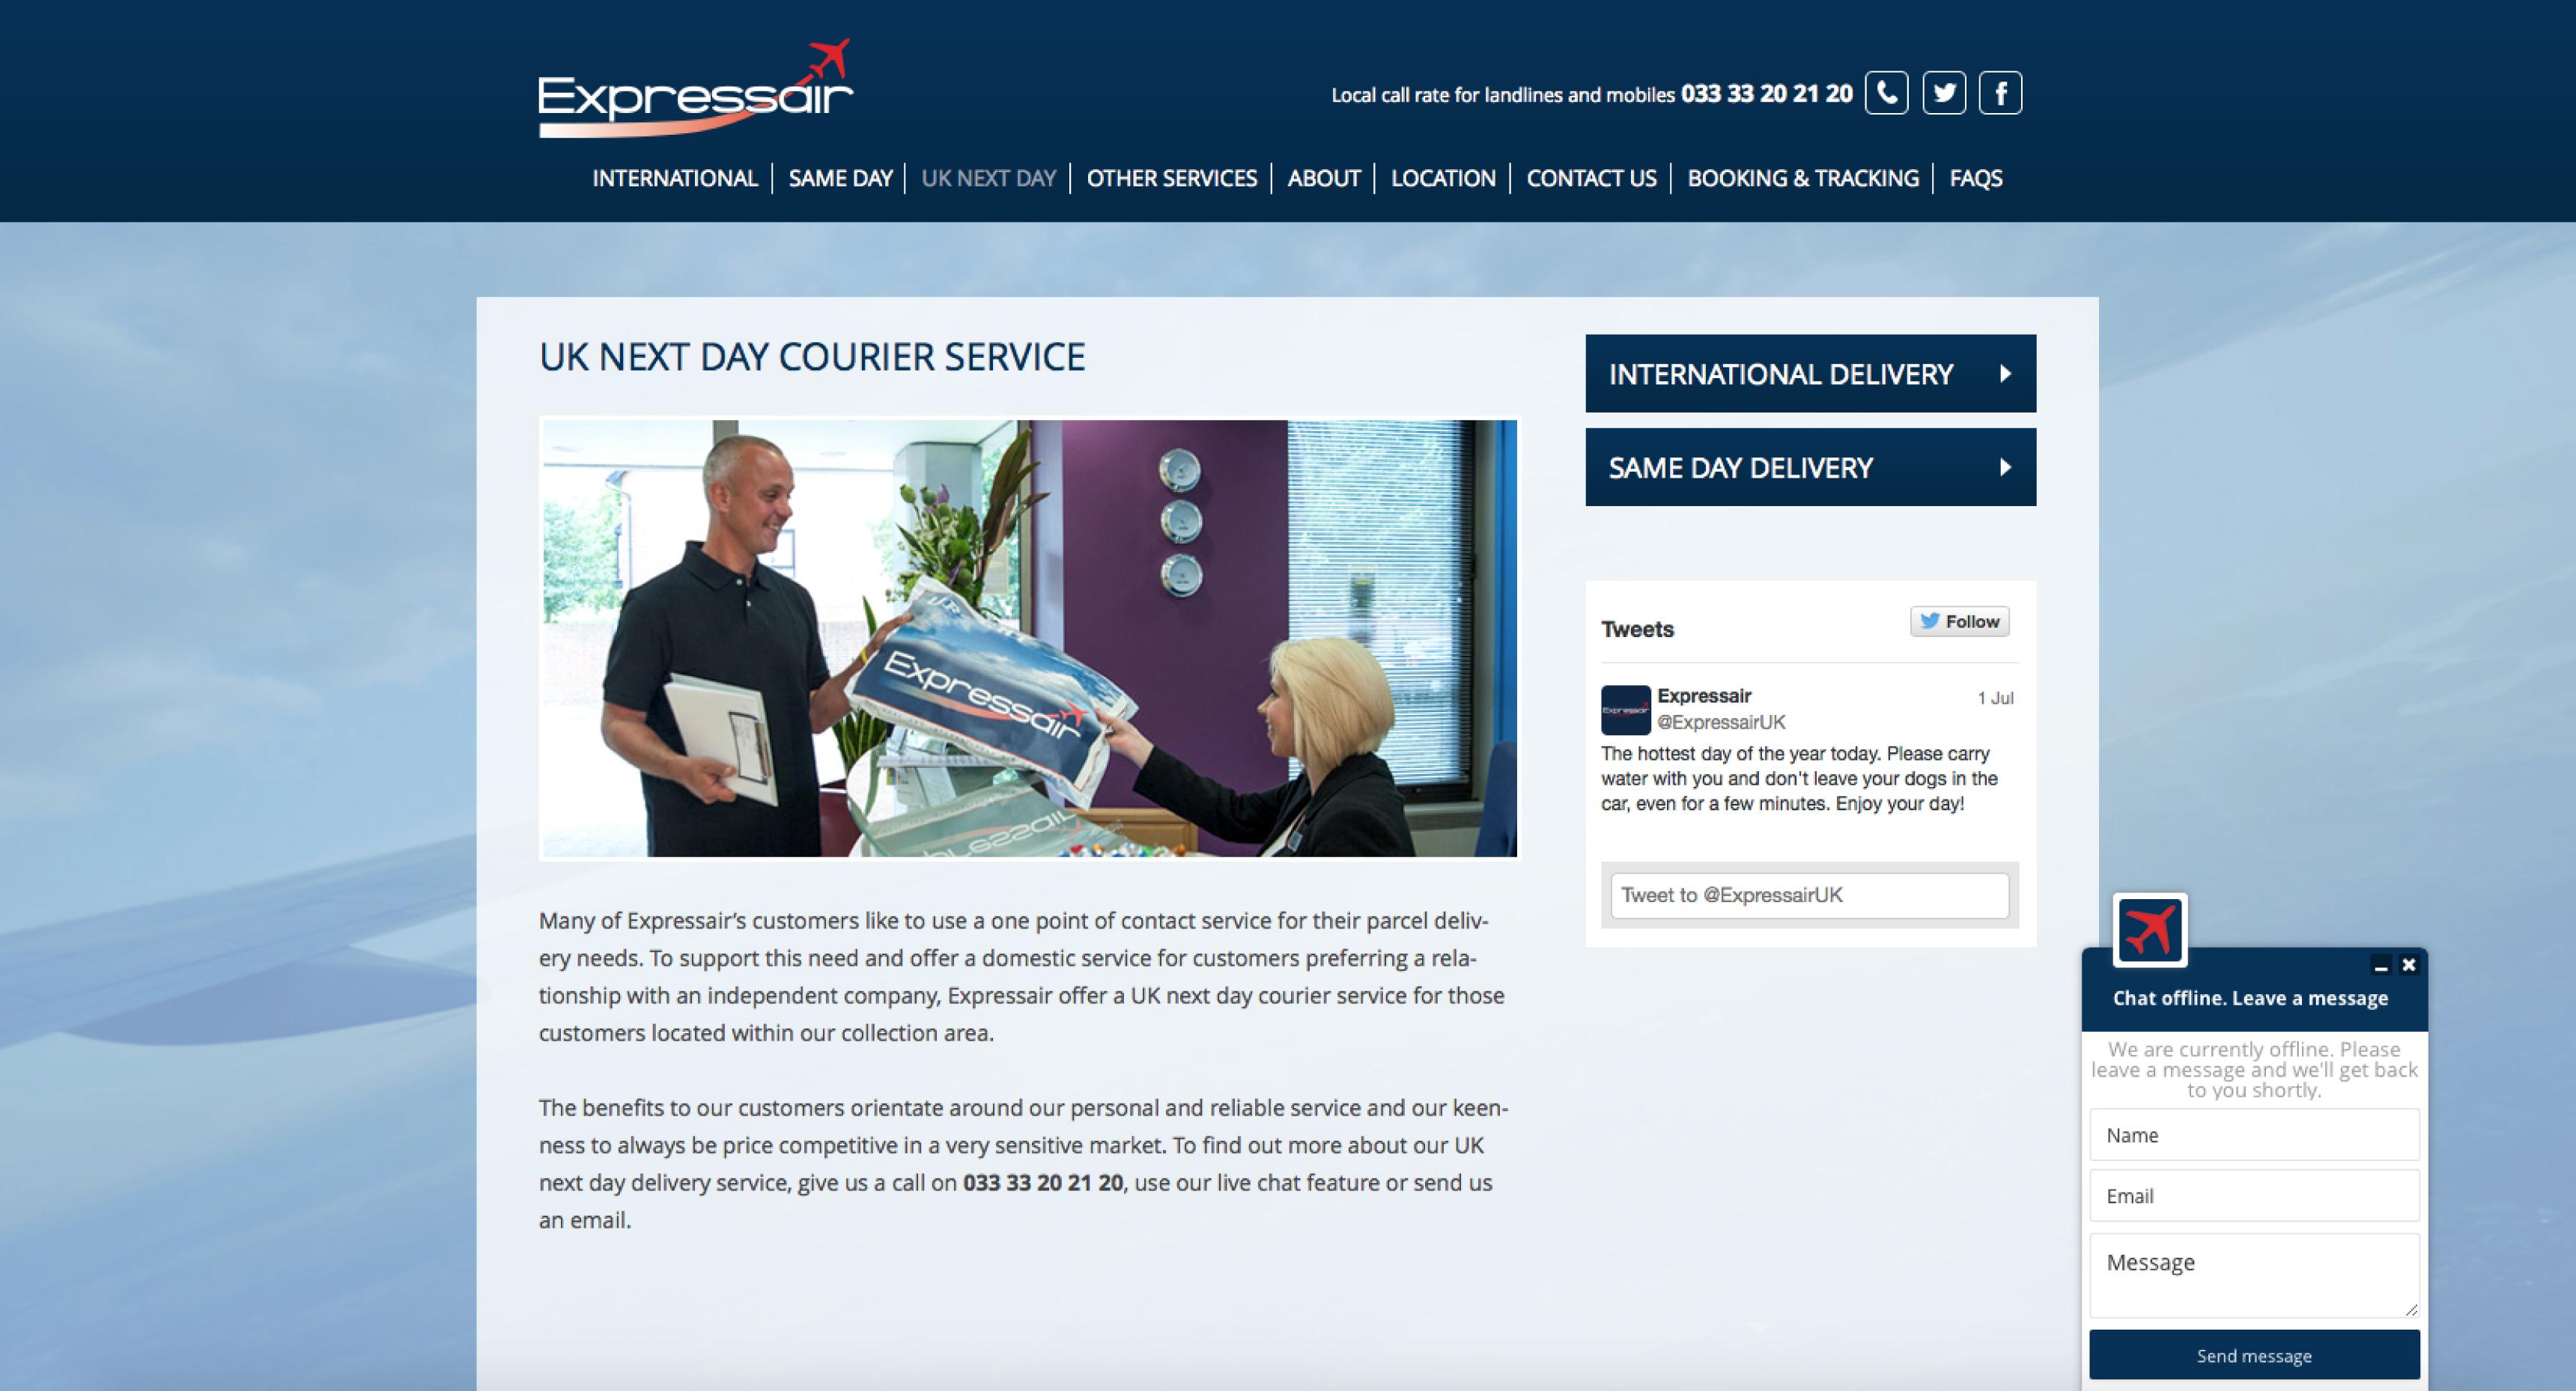 expressair website internal page